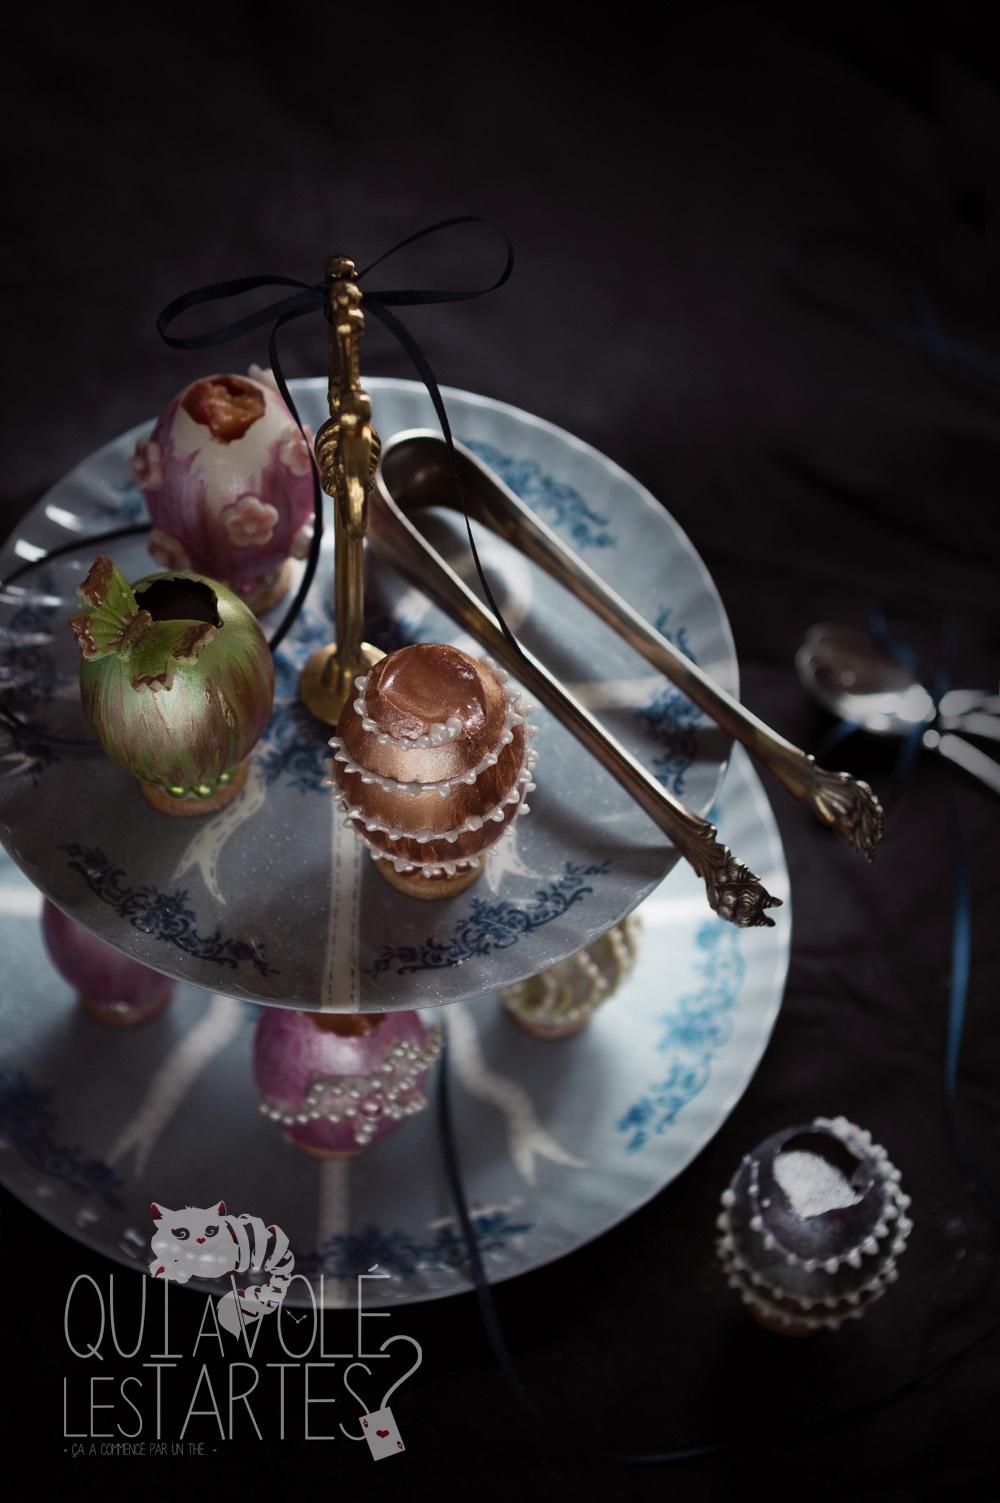 Oeufs façon Fabergé - Studio 2 création - Qui a volé les tartes